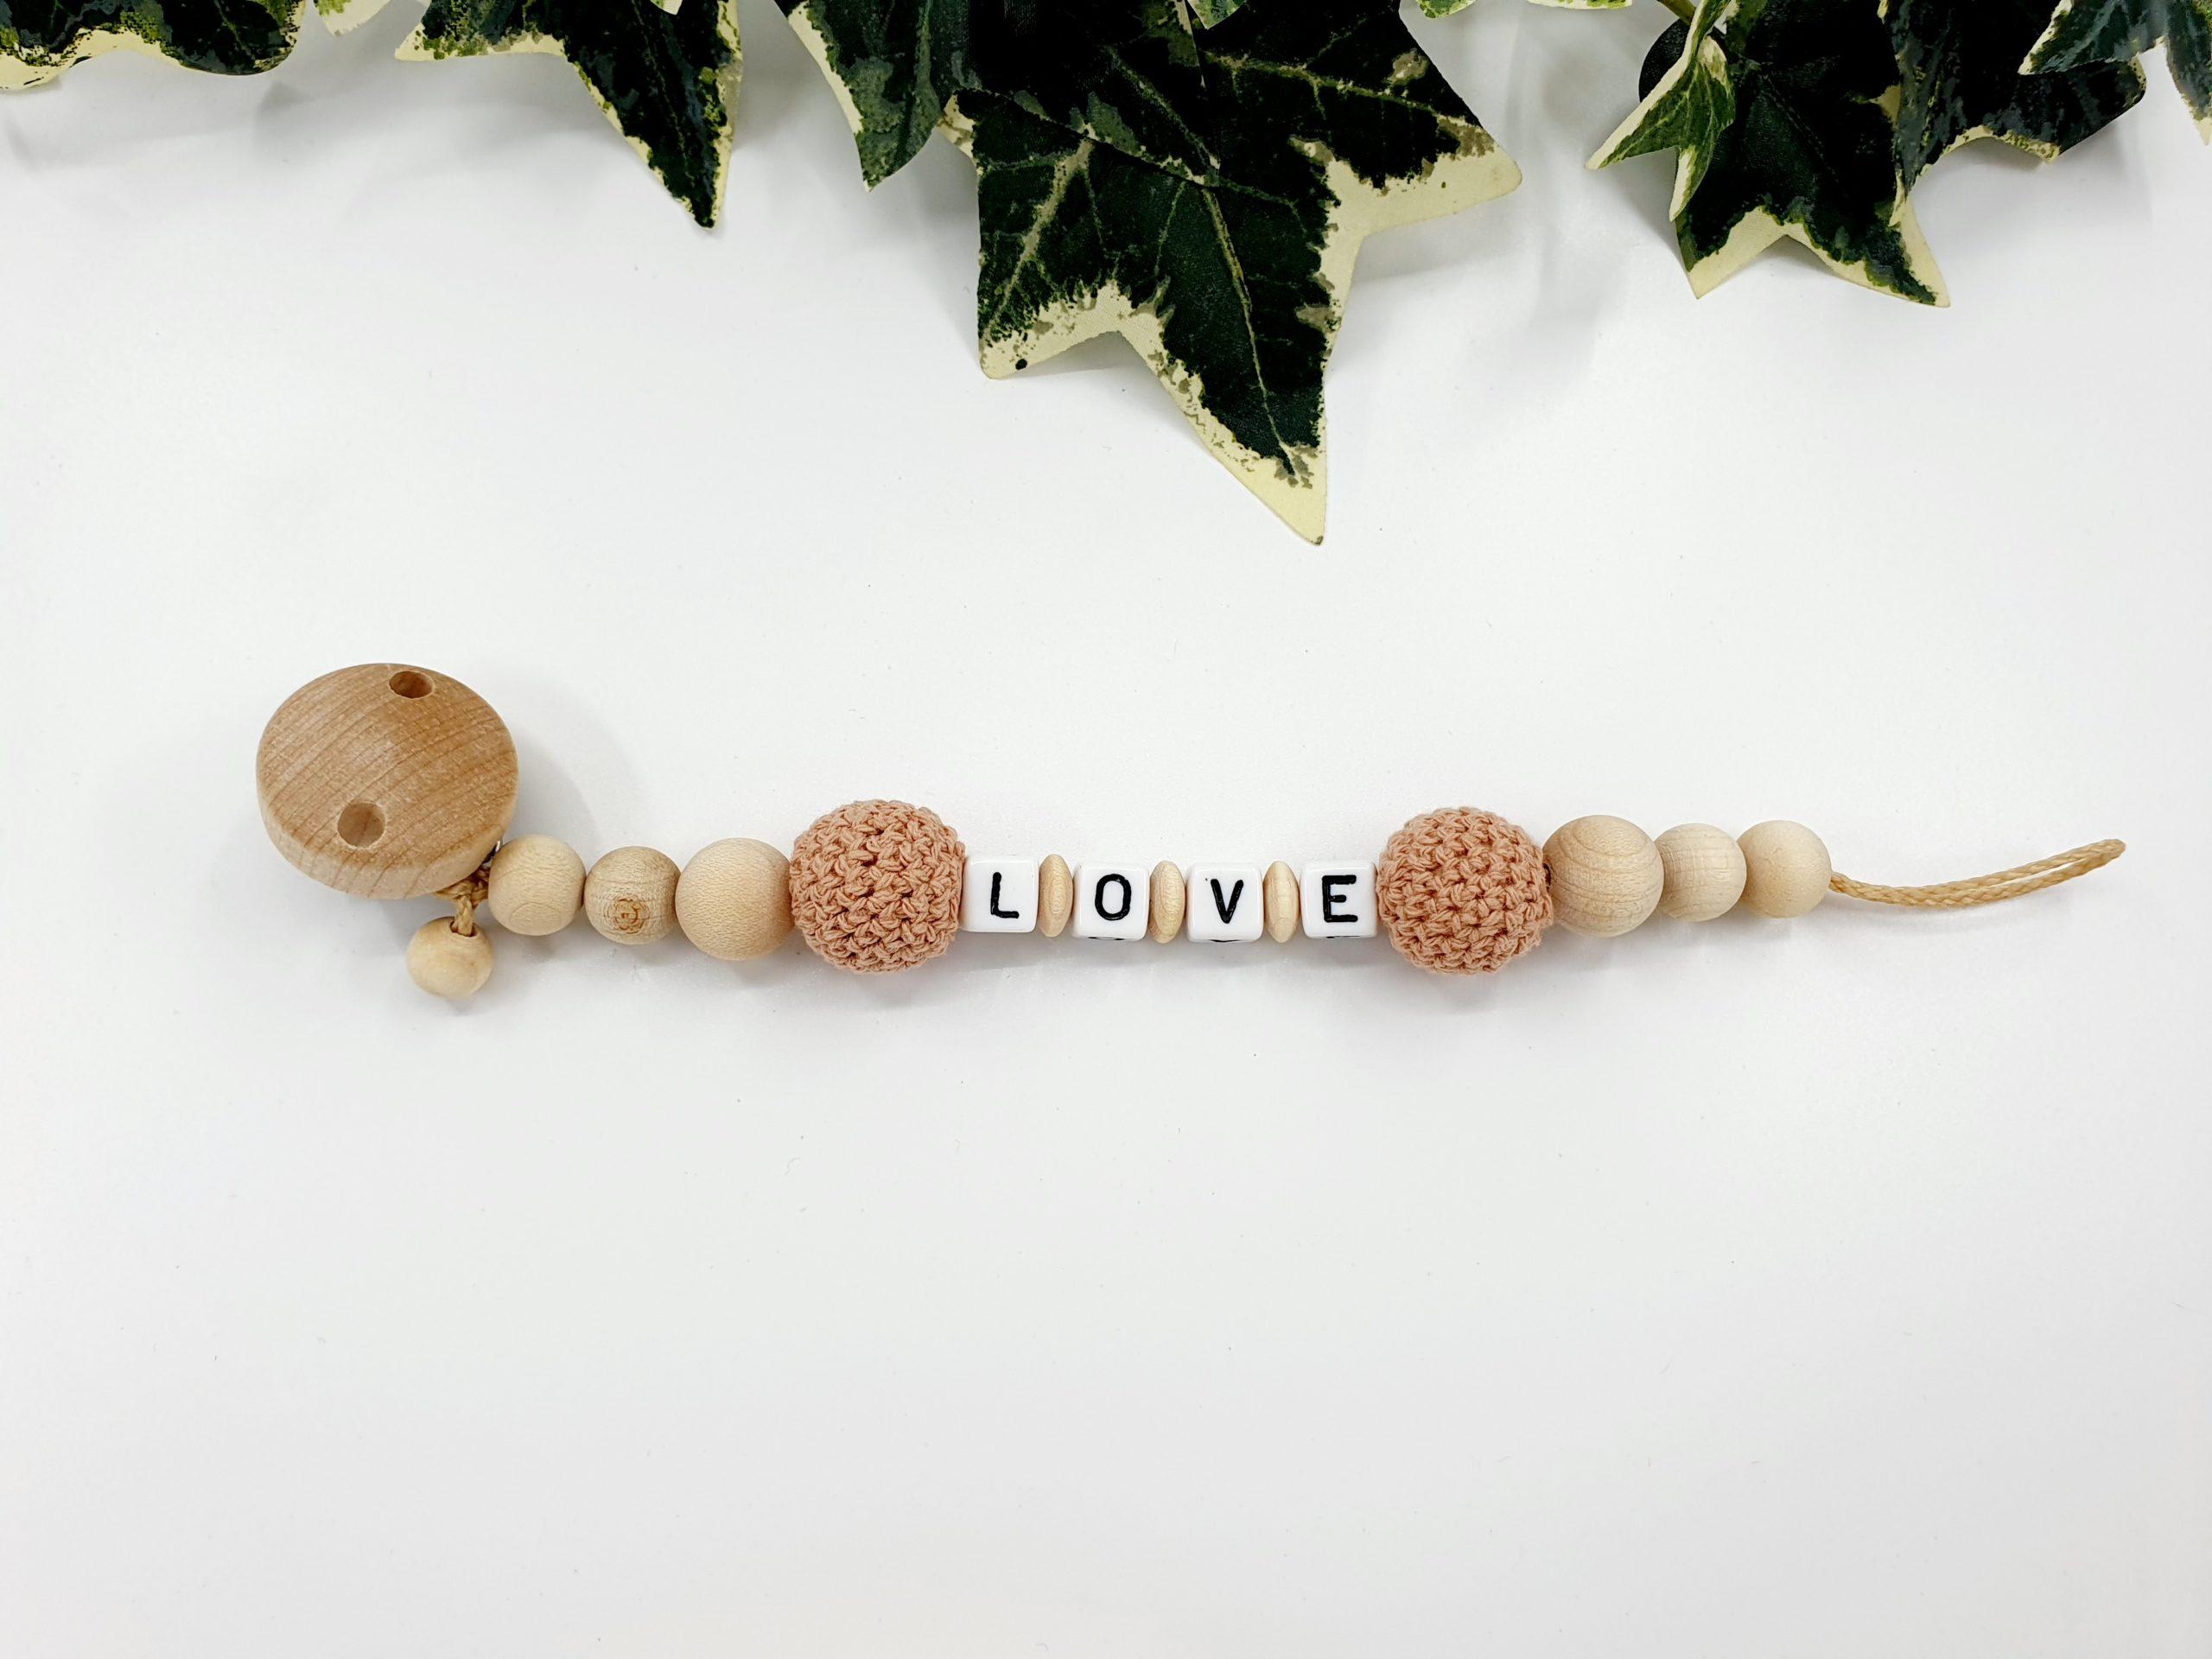 Schnullerkette in der Farbe Altrosa und Holz Natur mit den Buchstaben LOVE